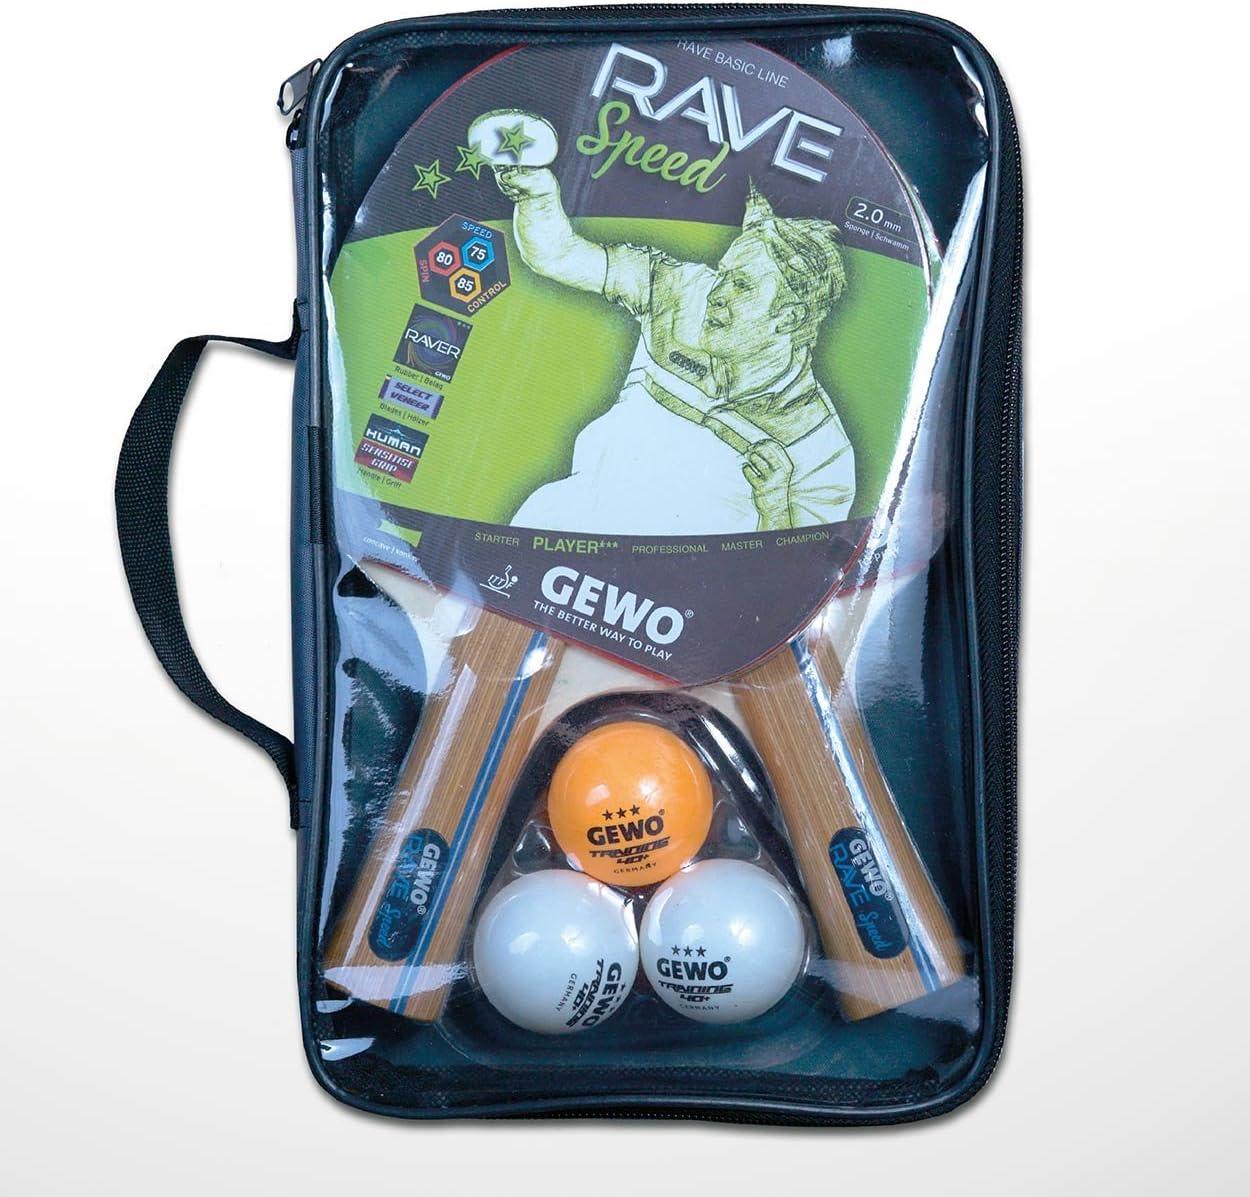 GEWO - Juego de Raquetas de Tenis de Mesa Rave Speed, Marrones, tamaño único